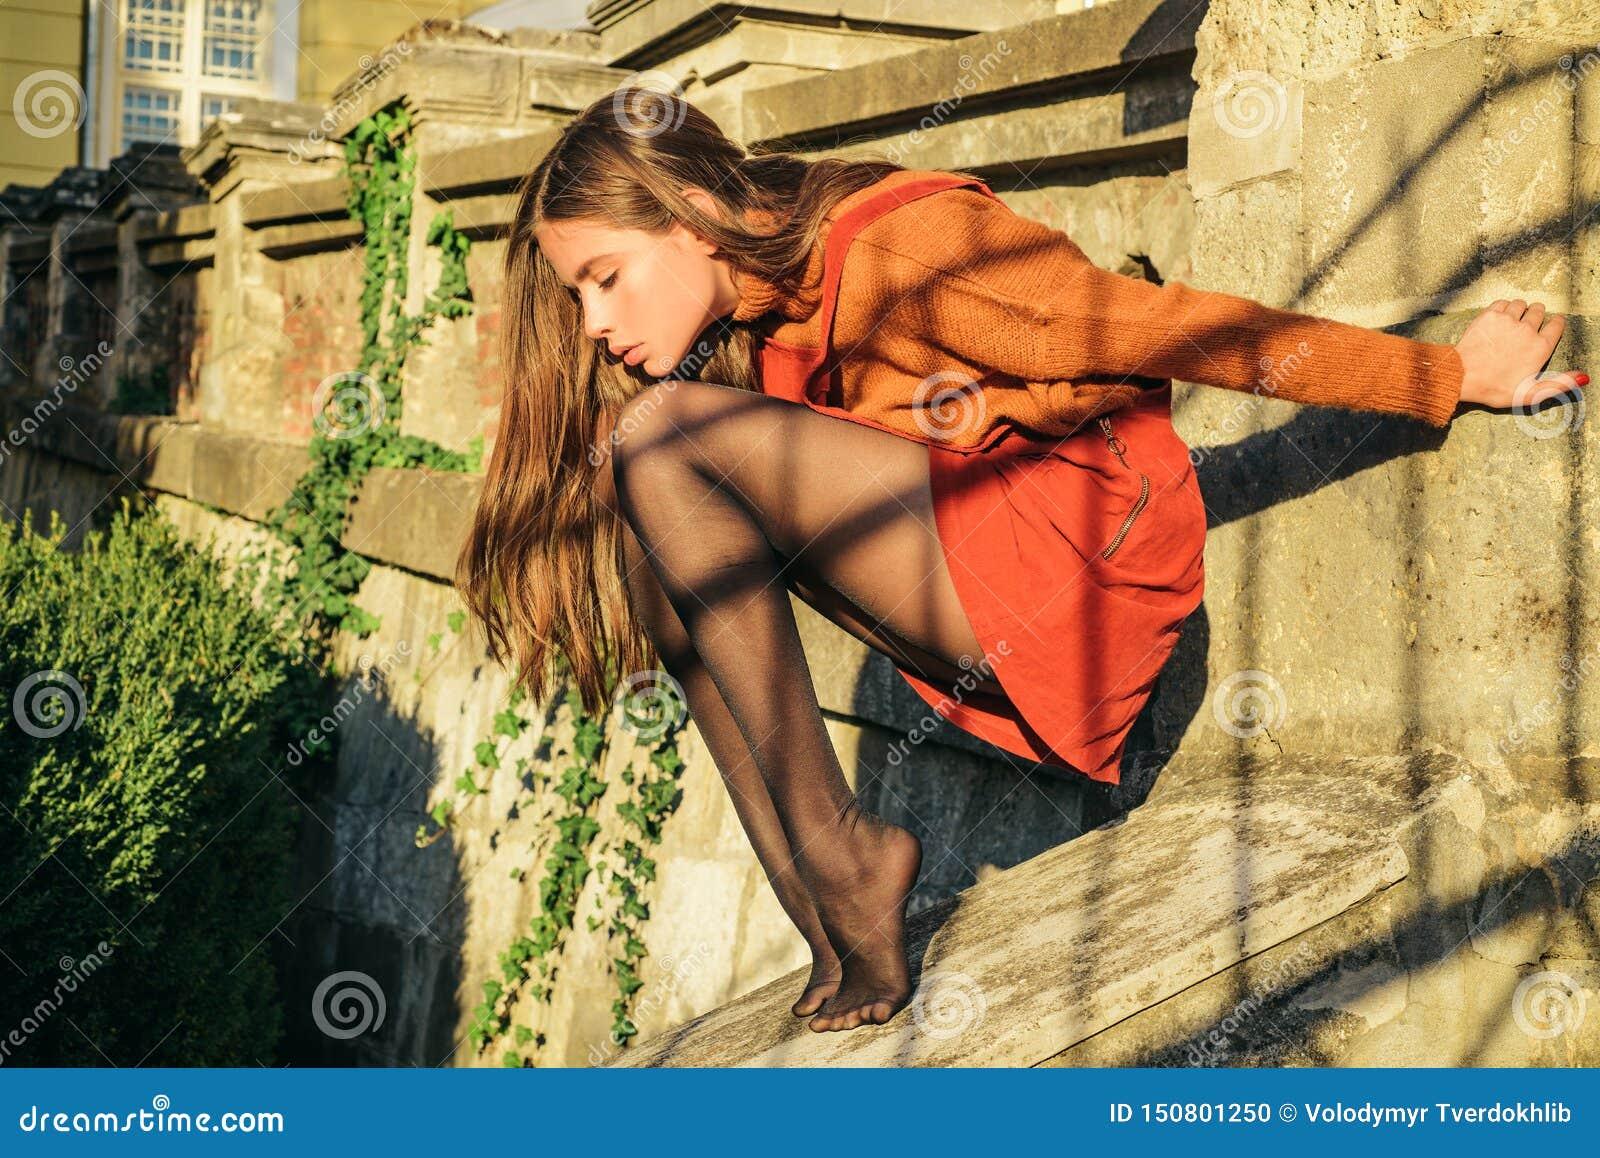 秋天成套装备 现代时尚成套装备 r 裙子的俏丽的妇女和长袜坐台阶建筑学